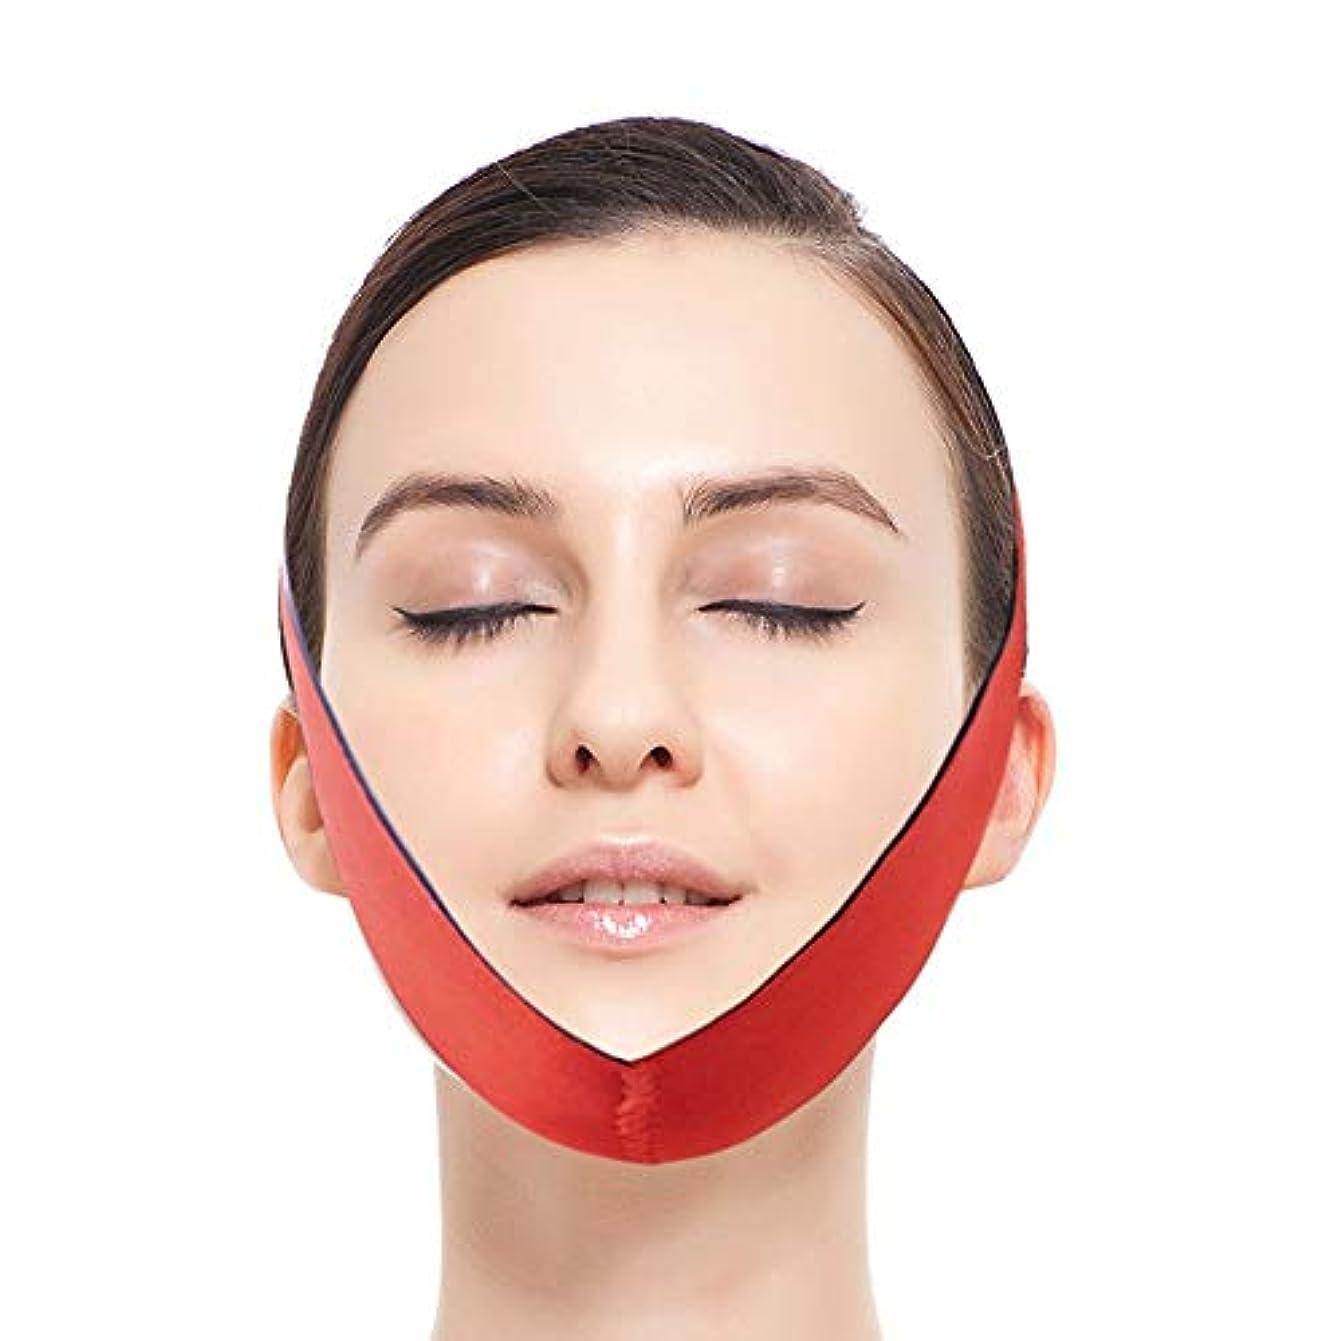 敬意を表するアンティークヶ月目フェイスリフティングアーティファクトVフェイス包帯マスクダブルあご引き締め顔薄い咬傷筋肉下顎矯正顔